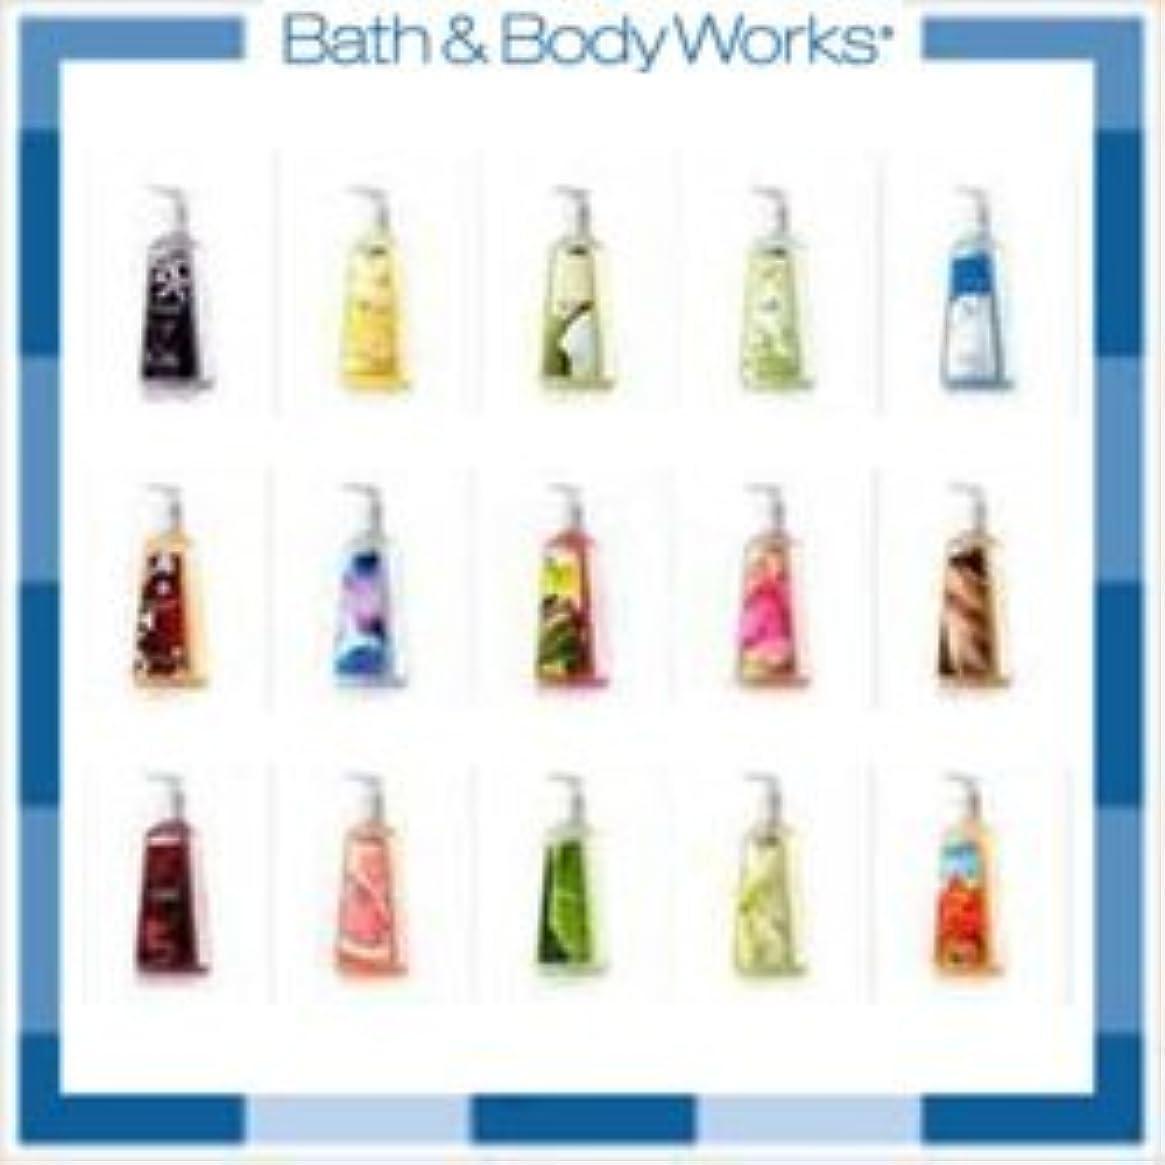 許容定規パリティBath and Body Works ハンドソープ ディープクレンジング 12本詰め合わせセット[海外直送品]